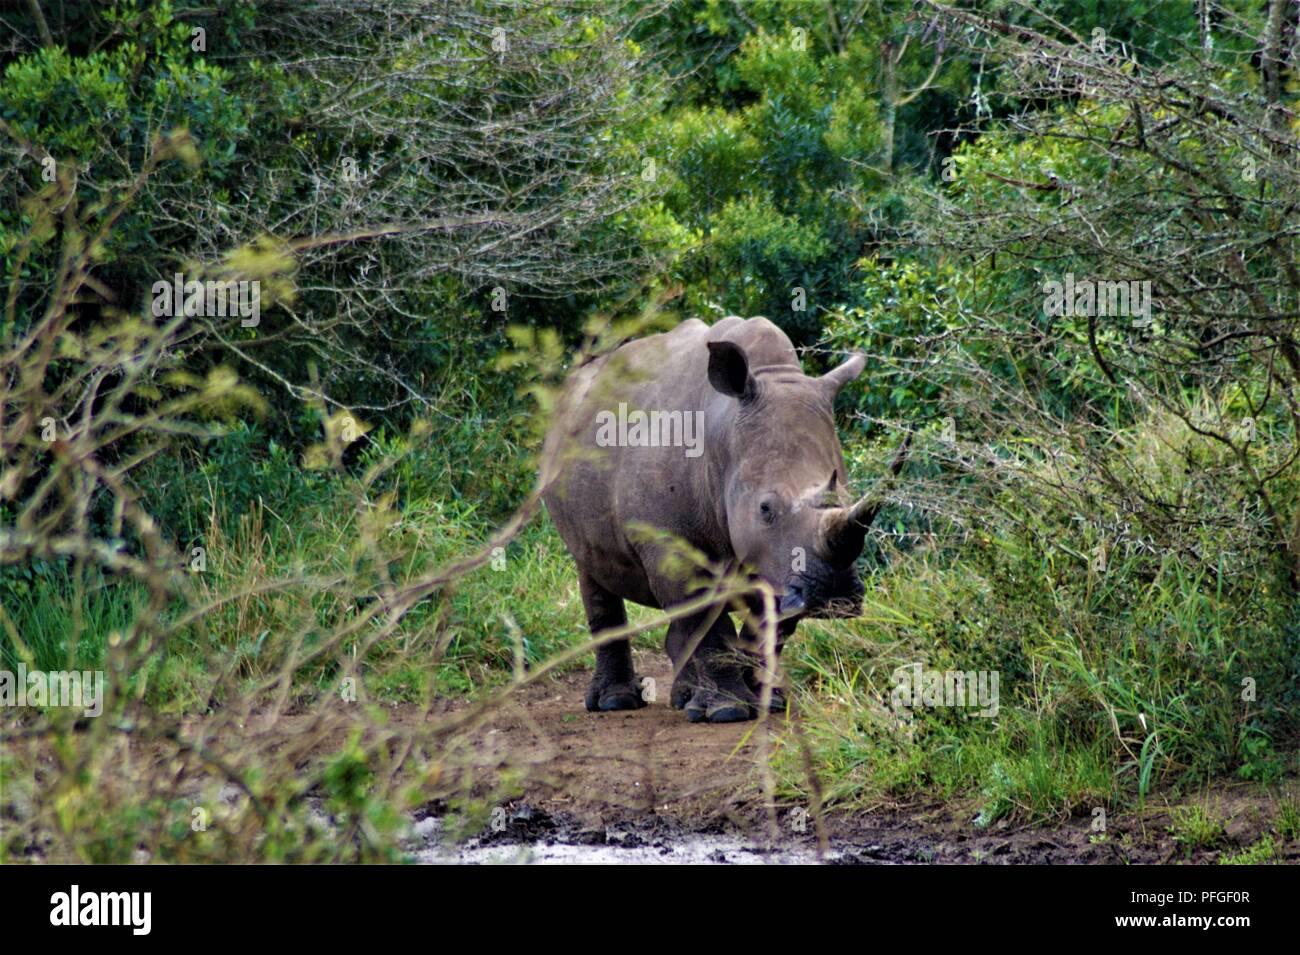 White Rhinoceros in the bush - Stock Image